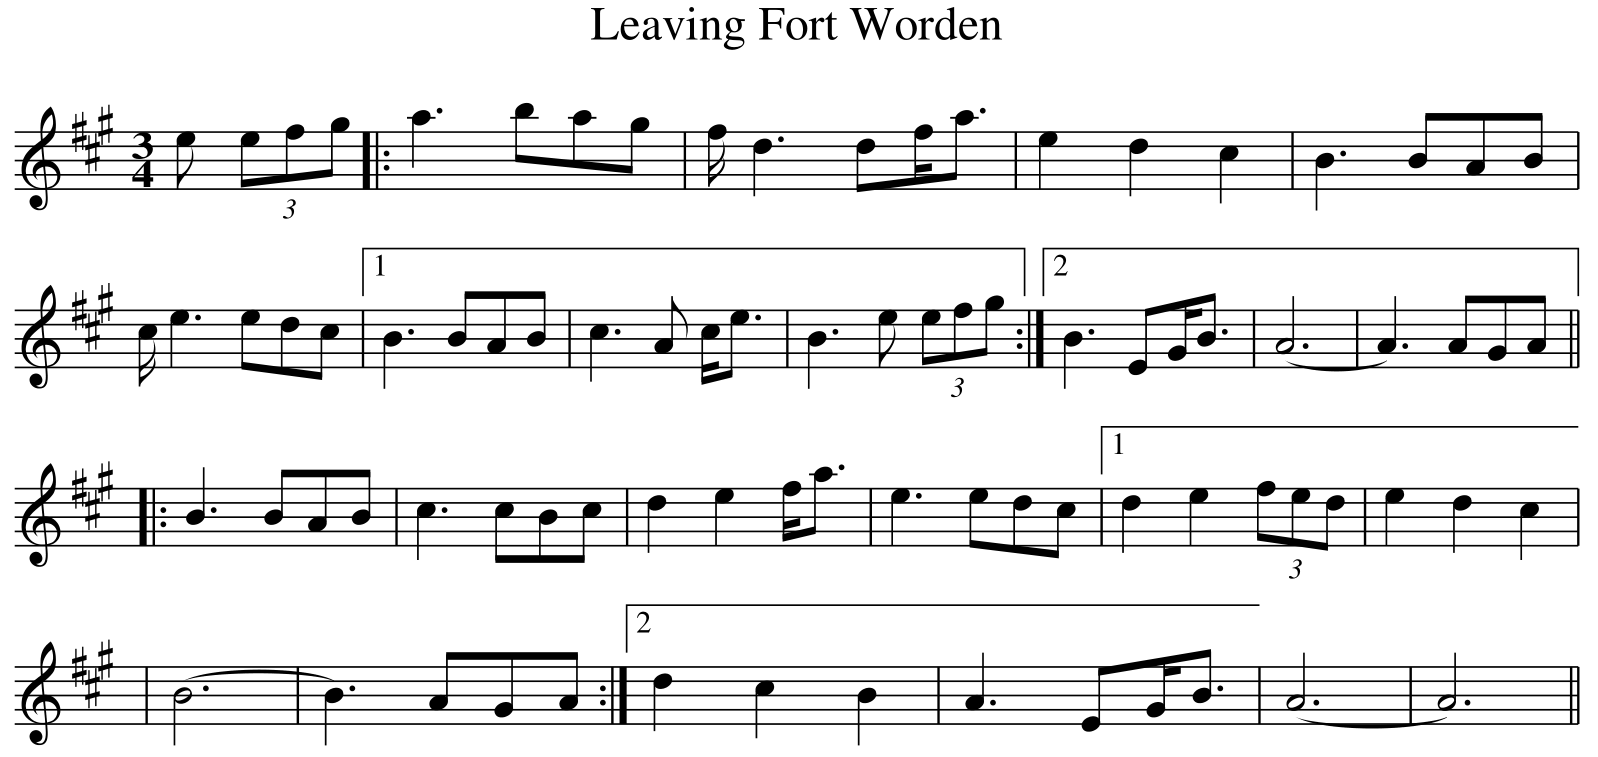 Leaving Fort Worden